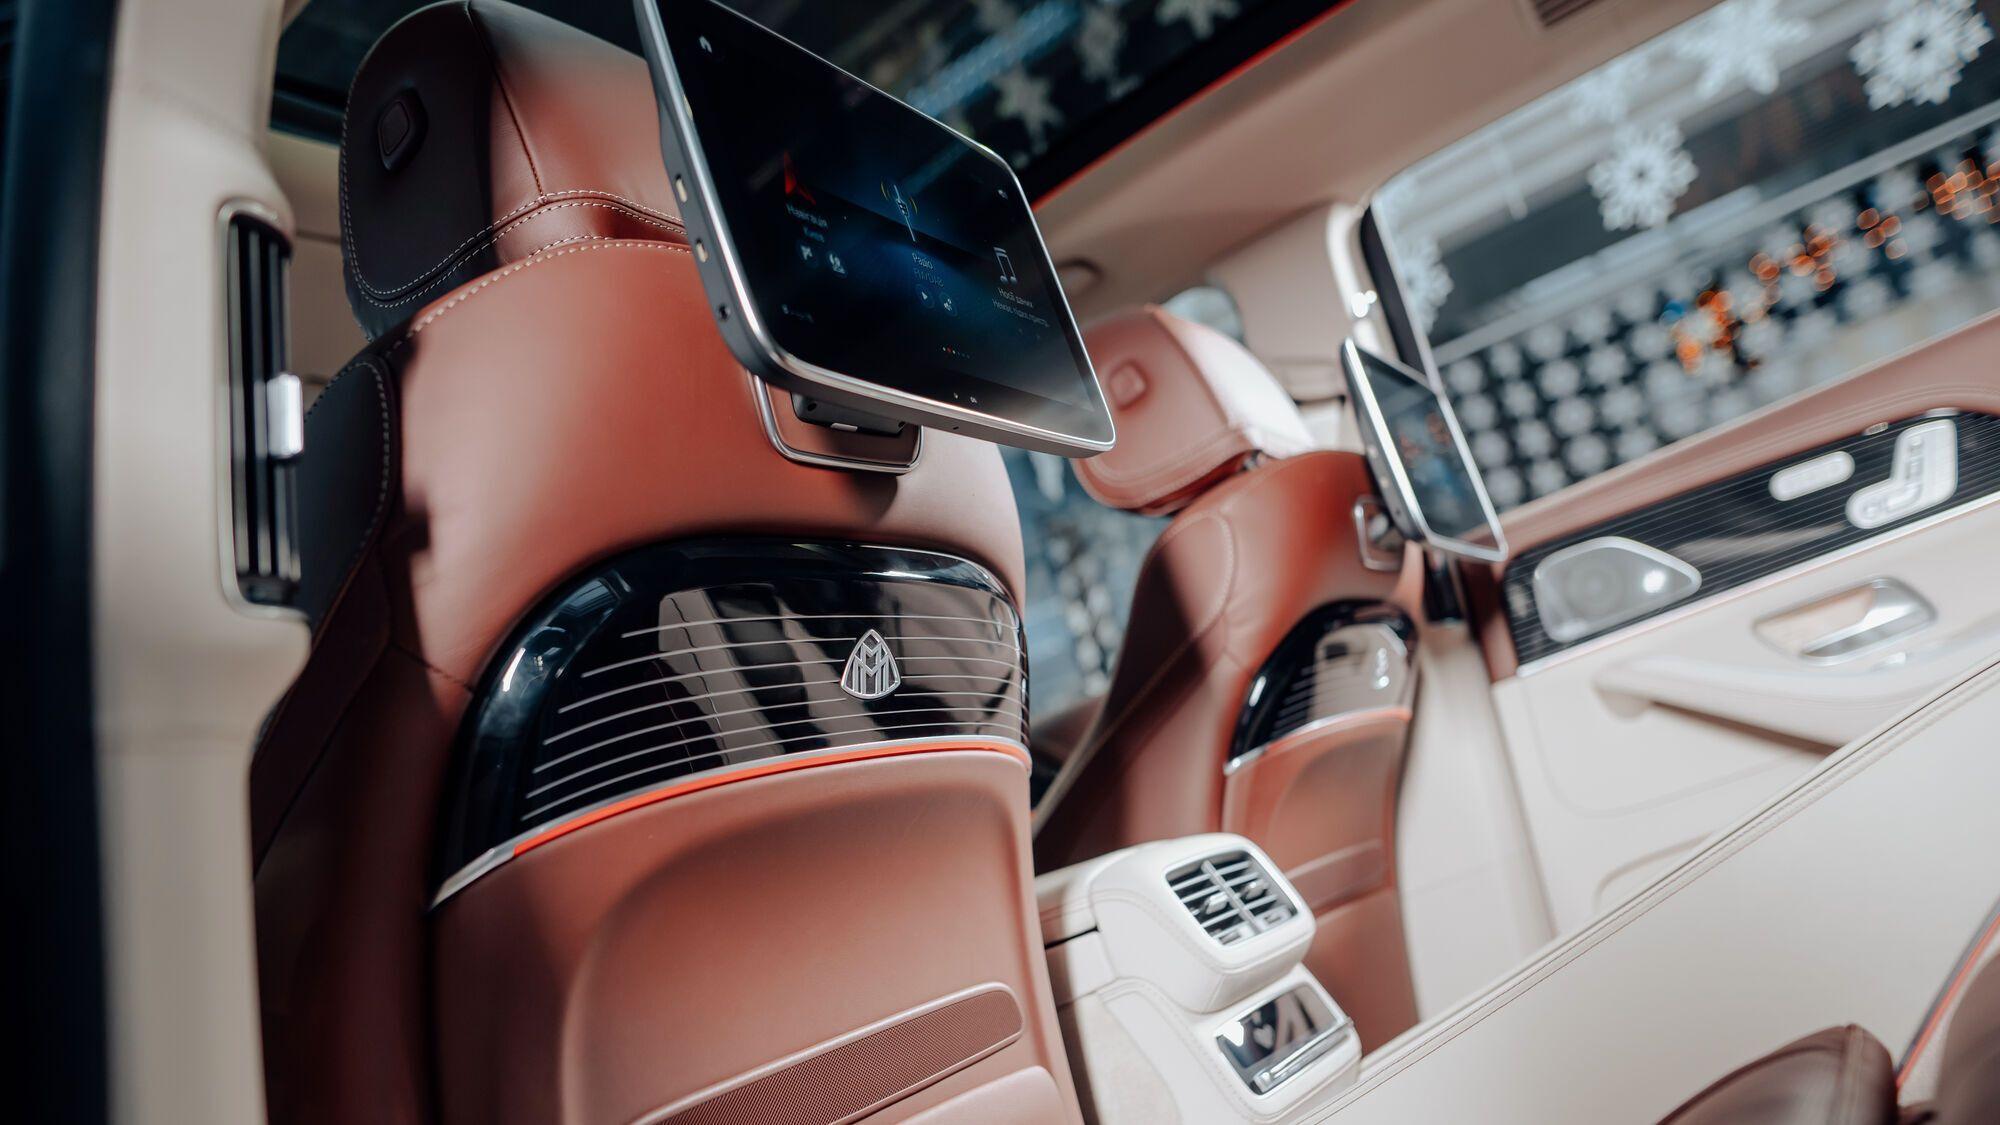 Для задних пассажиров предусмотрены индивидуальные сенсорные дисплеи